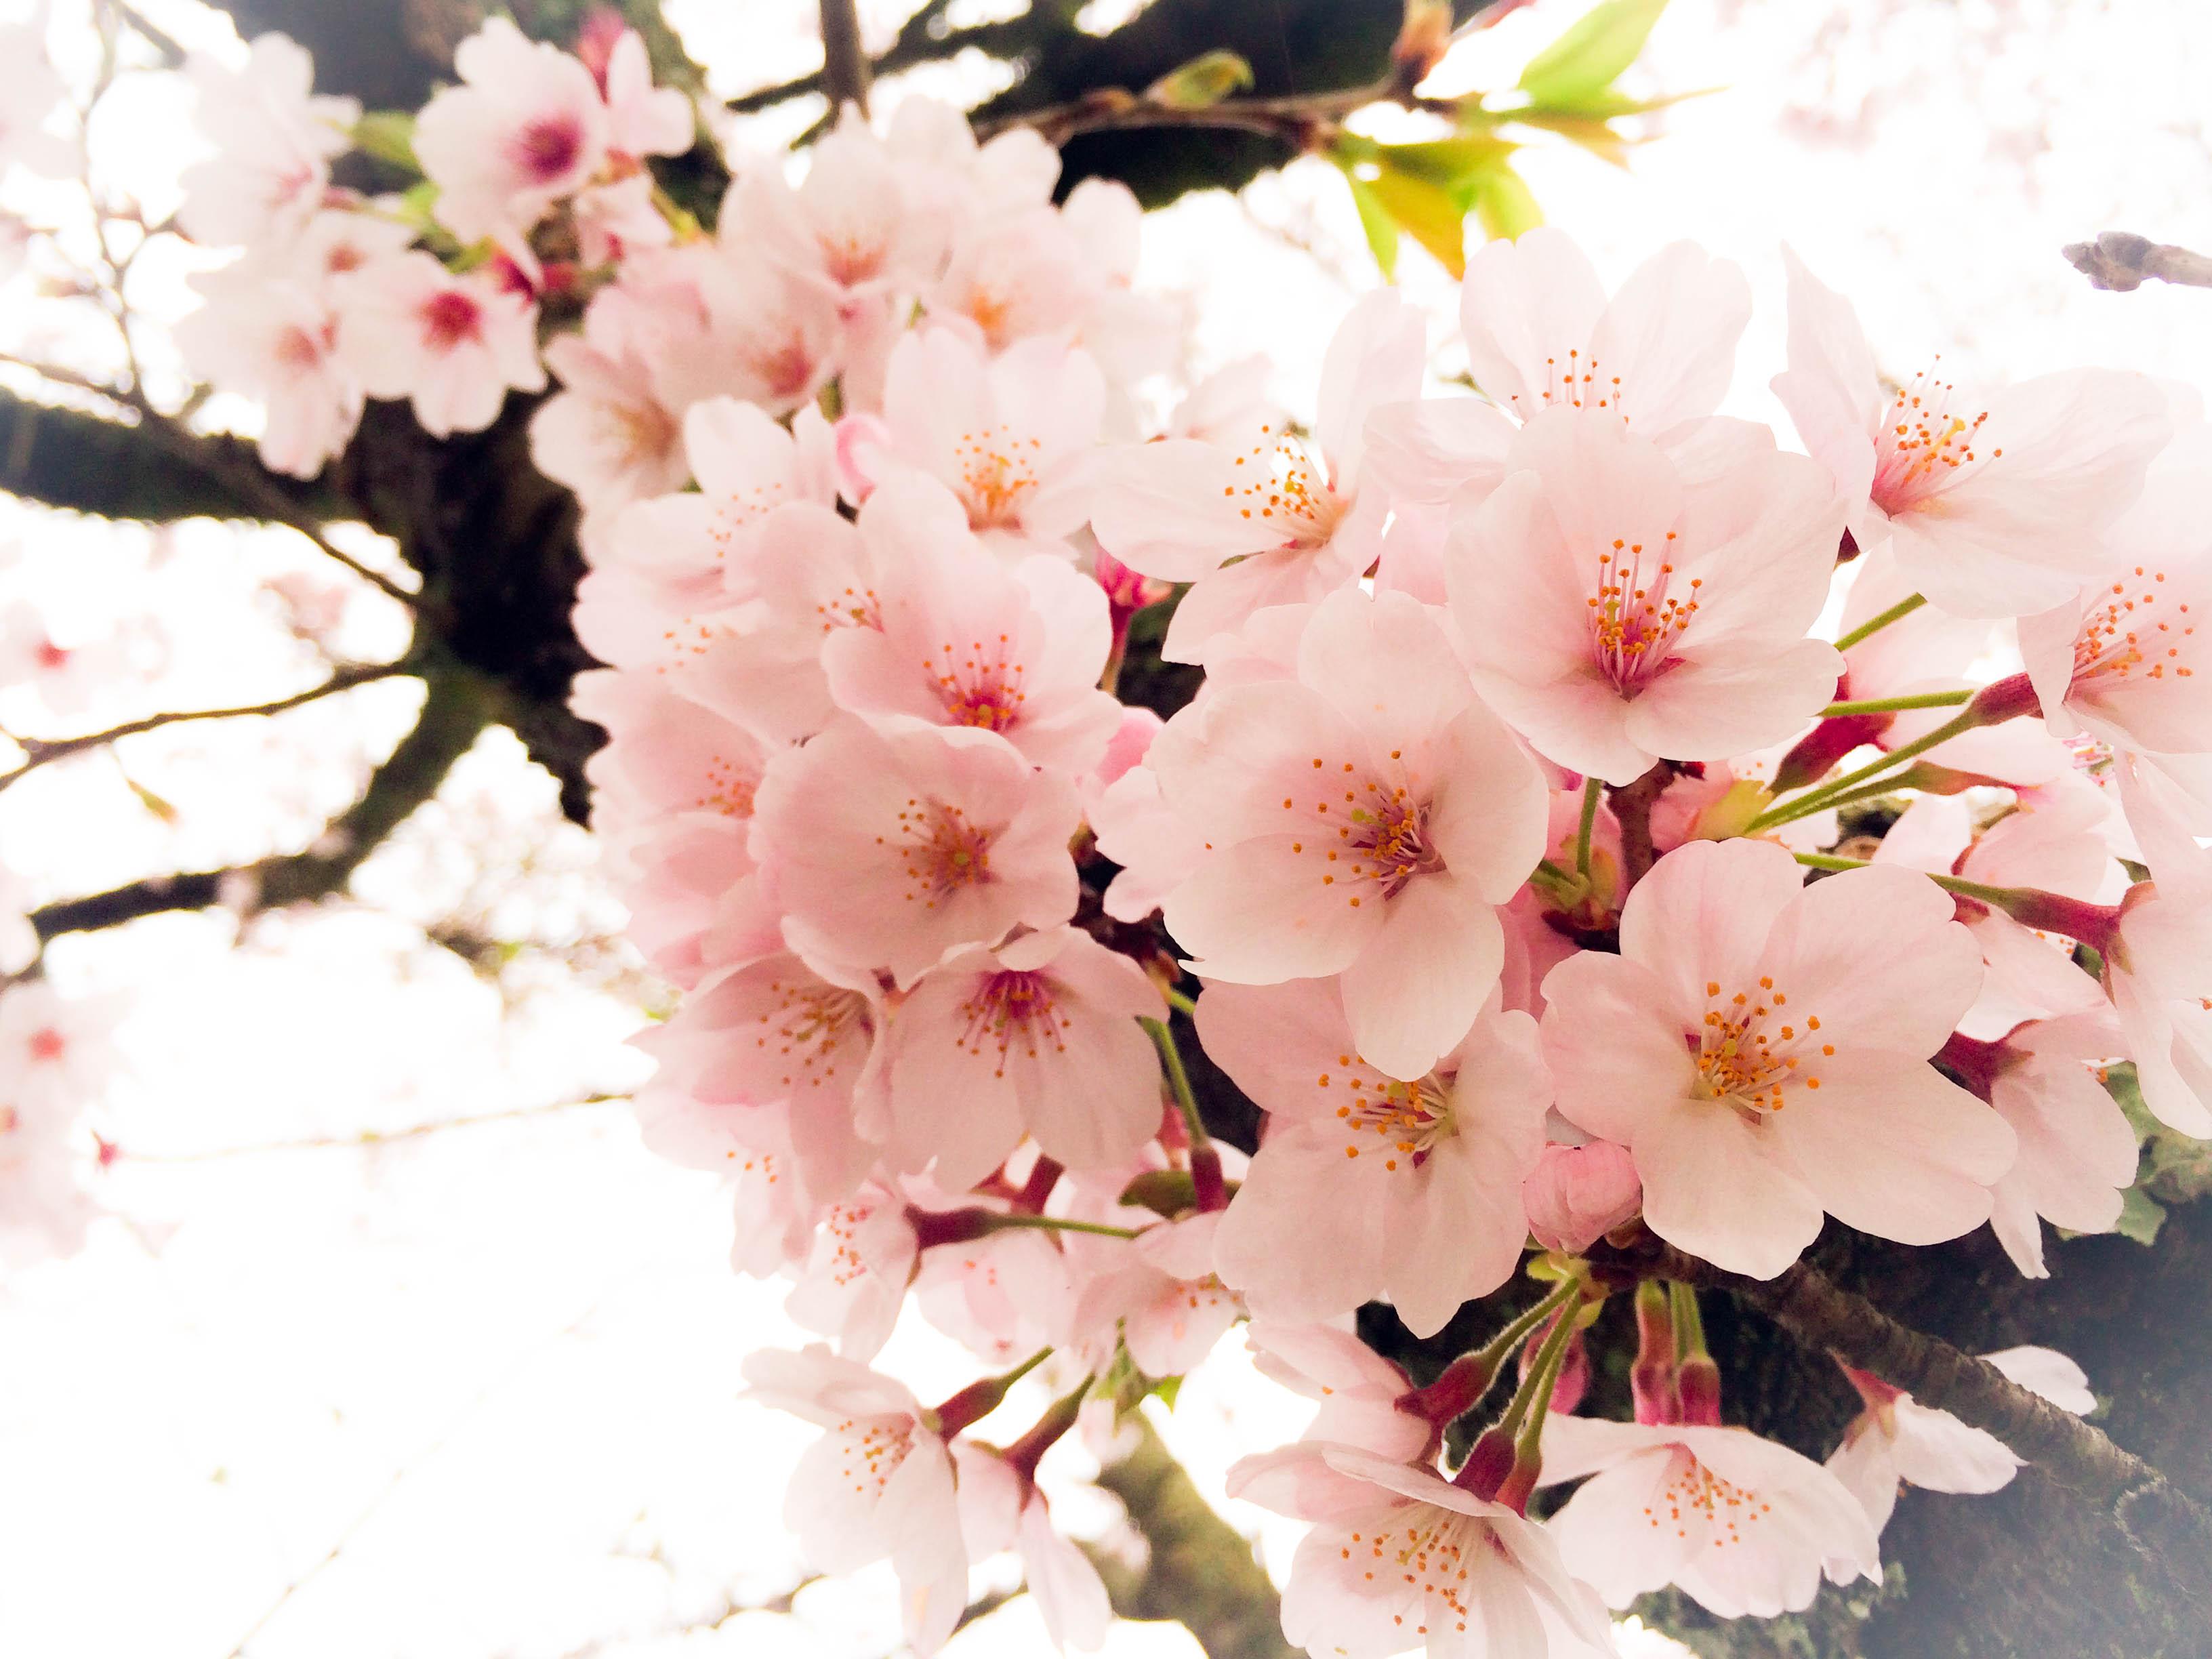 桜 カメラ 撮影 おススメ α6500 ソニー